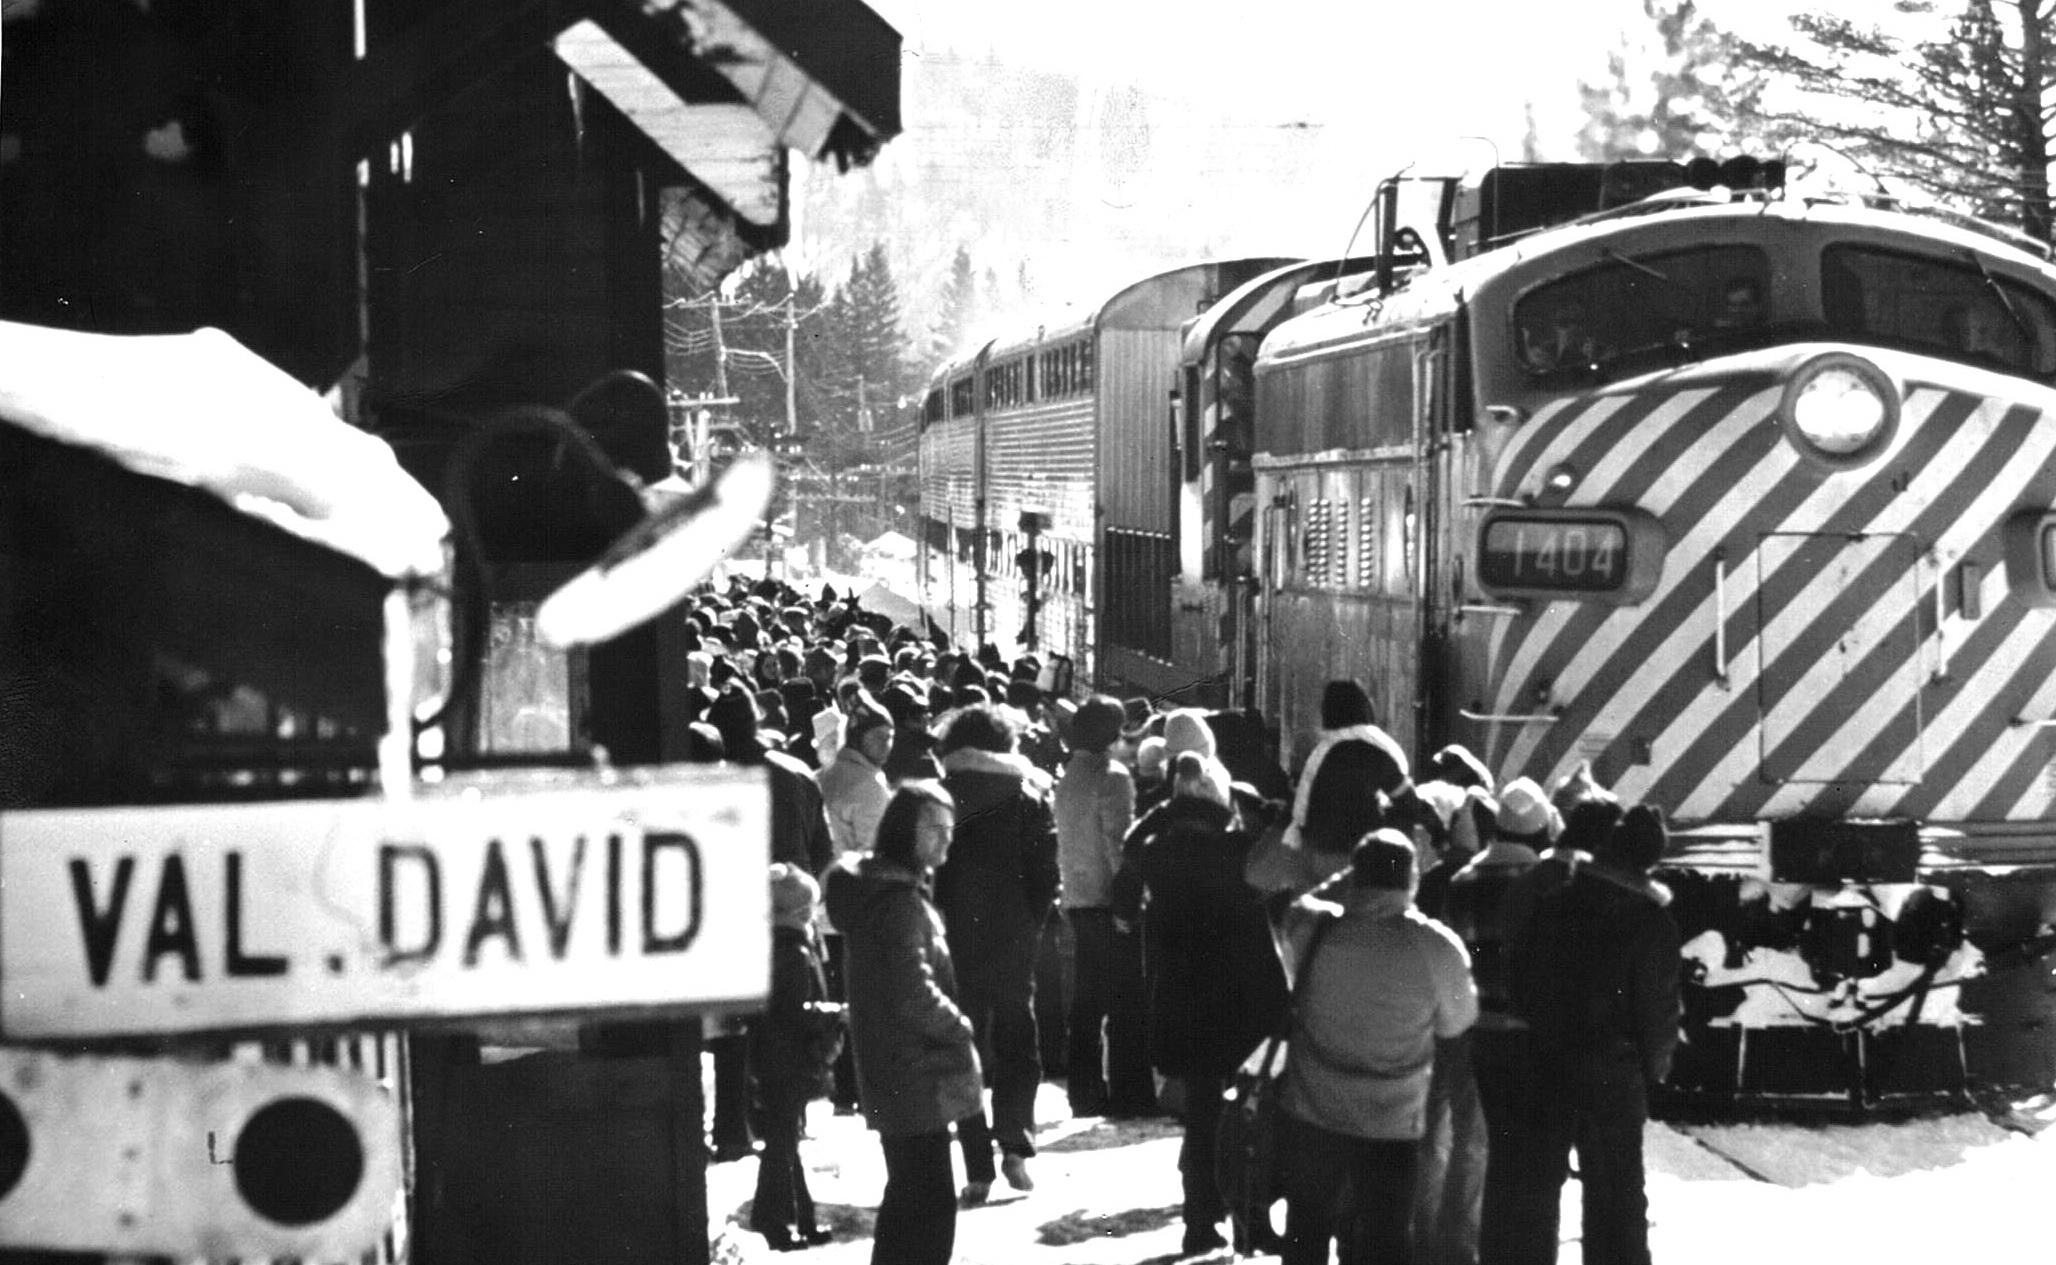 Une très belle photo de l'arrivée du train à la gare de Val-David (année inconnue).